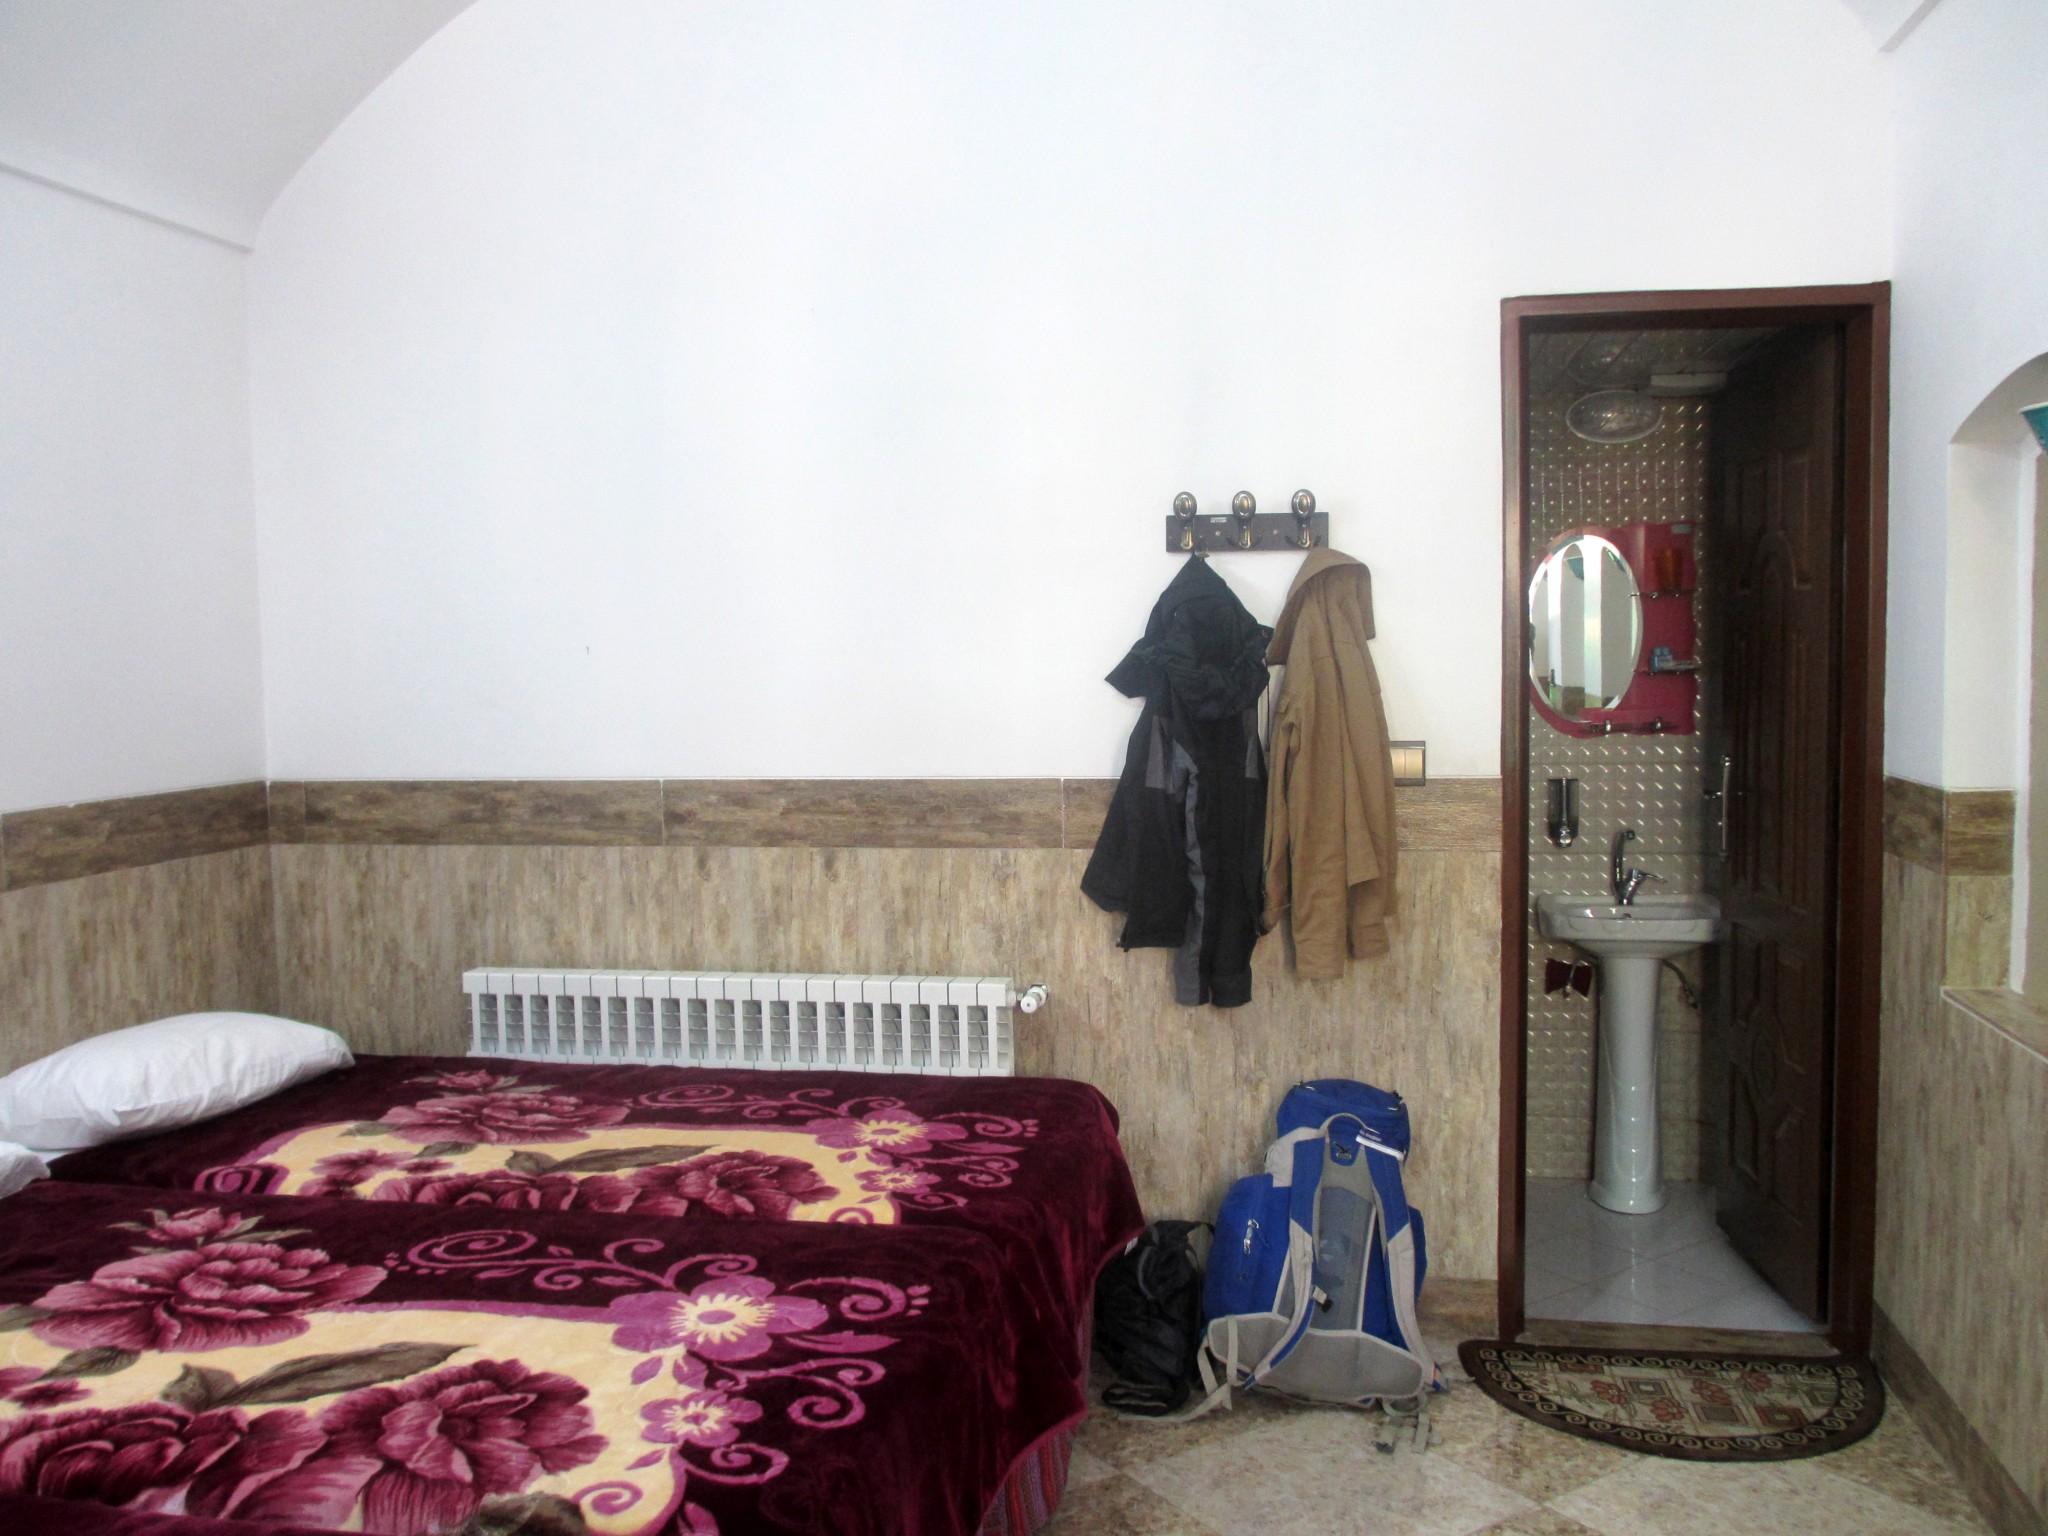 hostel-room-iran